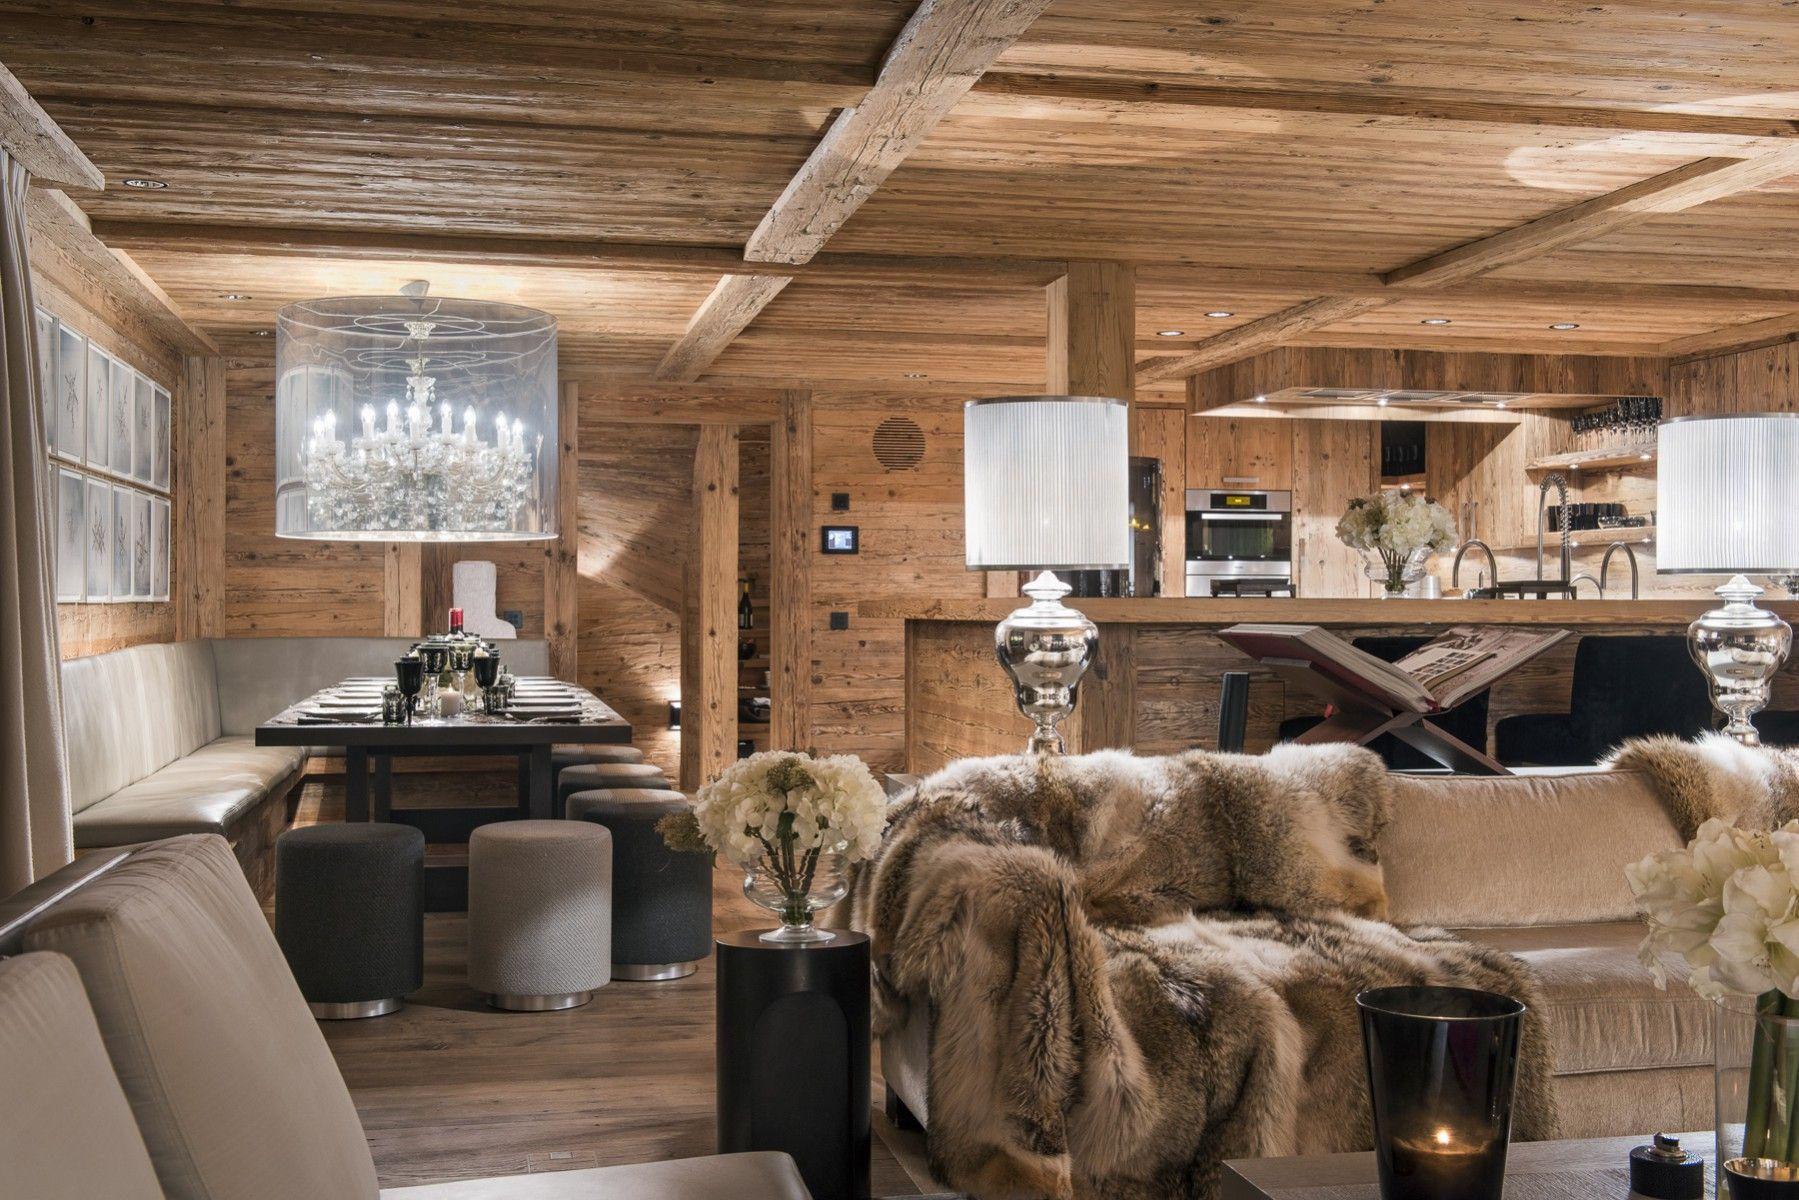 Amala top luxus chalet in gstaad chalet pinterest for Luxus wohnzimmer einrichtung